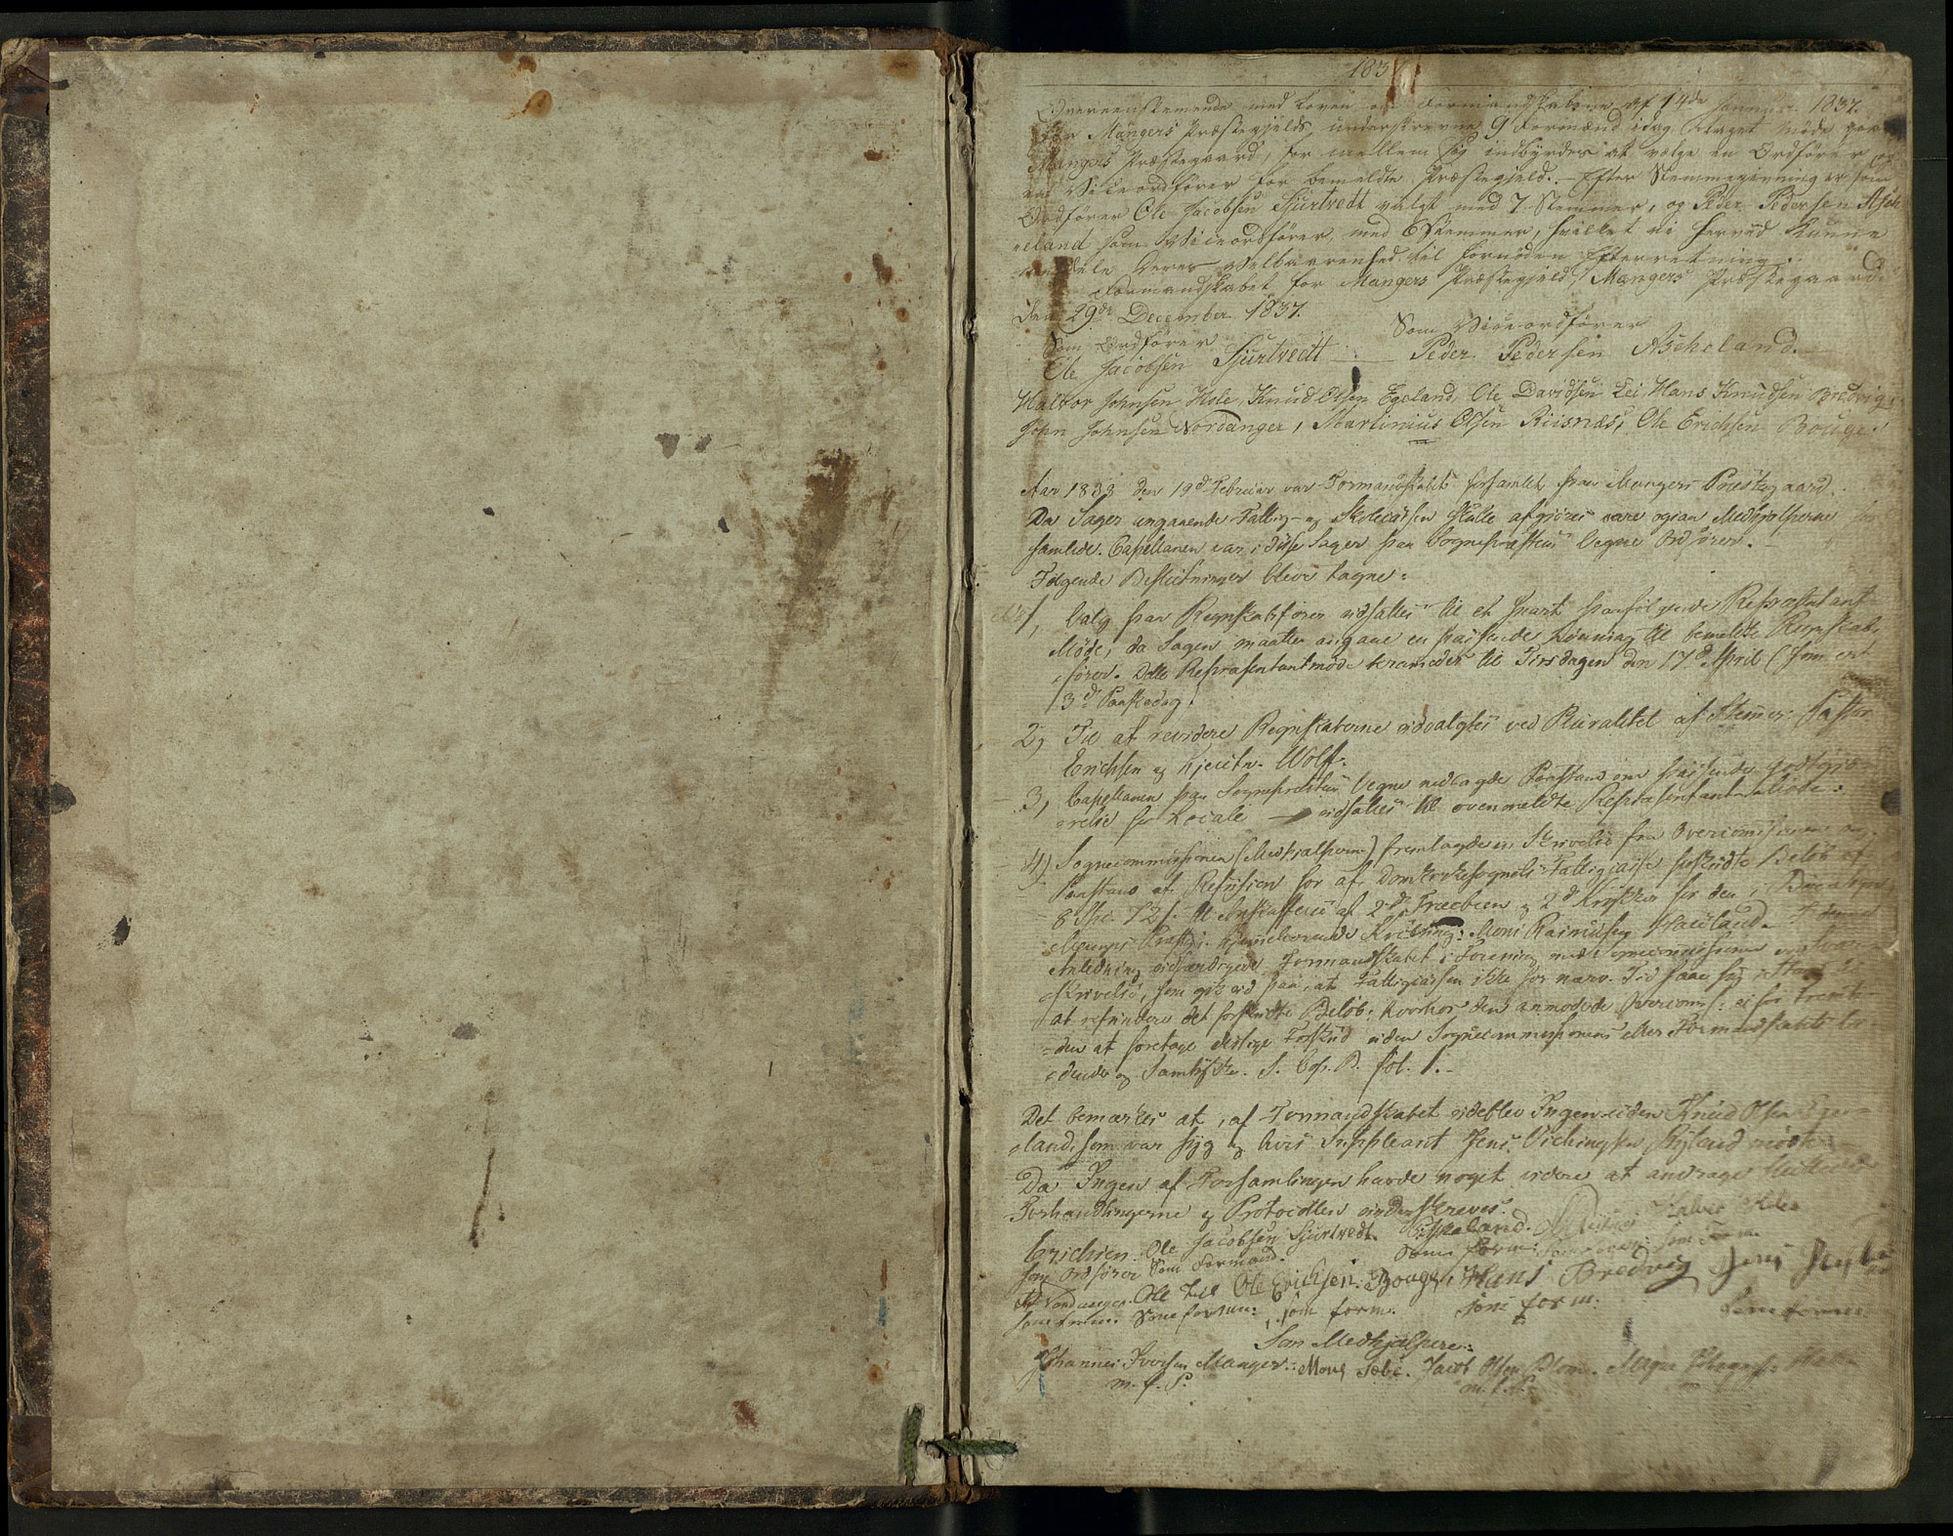 IKAH, Manger kommune. Formannskapet, A/Aa/L0001A: Møtebok for formannskap, heradsstyre og soknestyre, 1837-1858